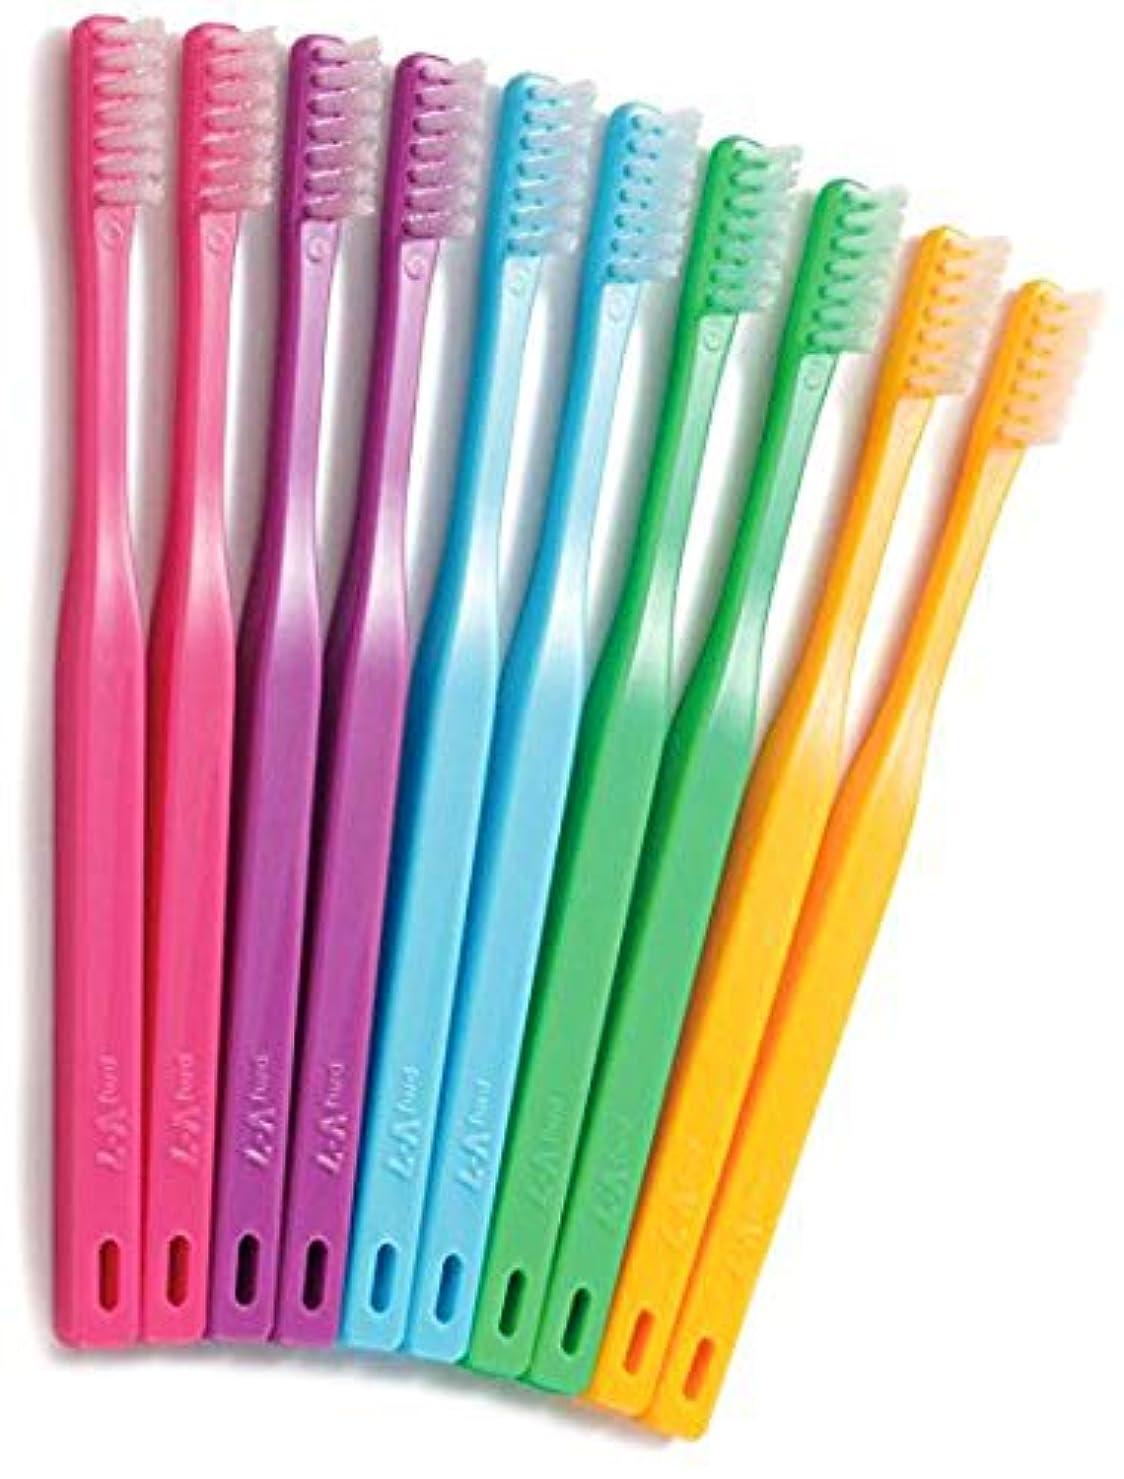 未来塗抹決定するつまようじ法歯ブラシ V-7 ビビッドカラー レギュラーヘッド 1本